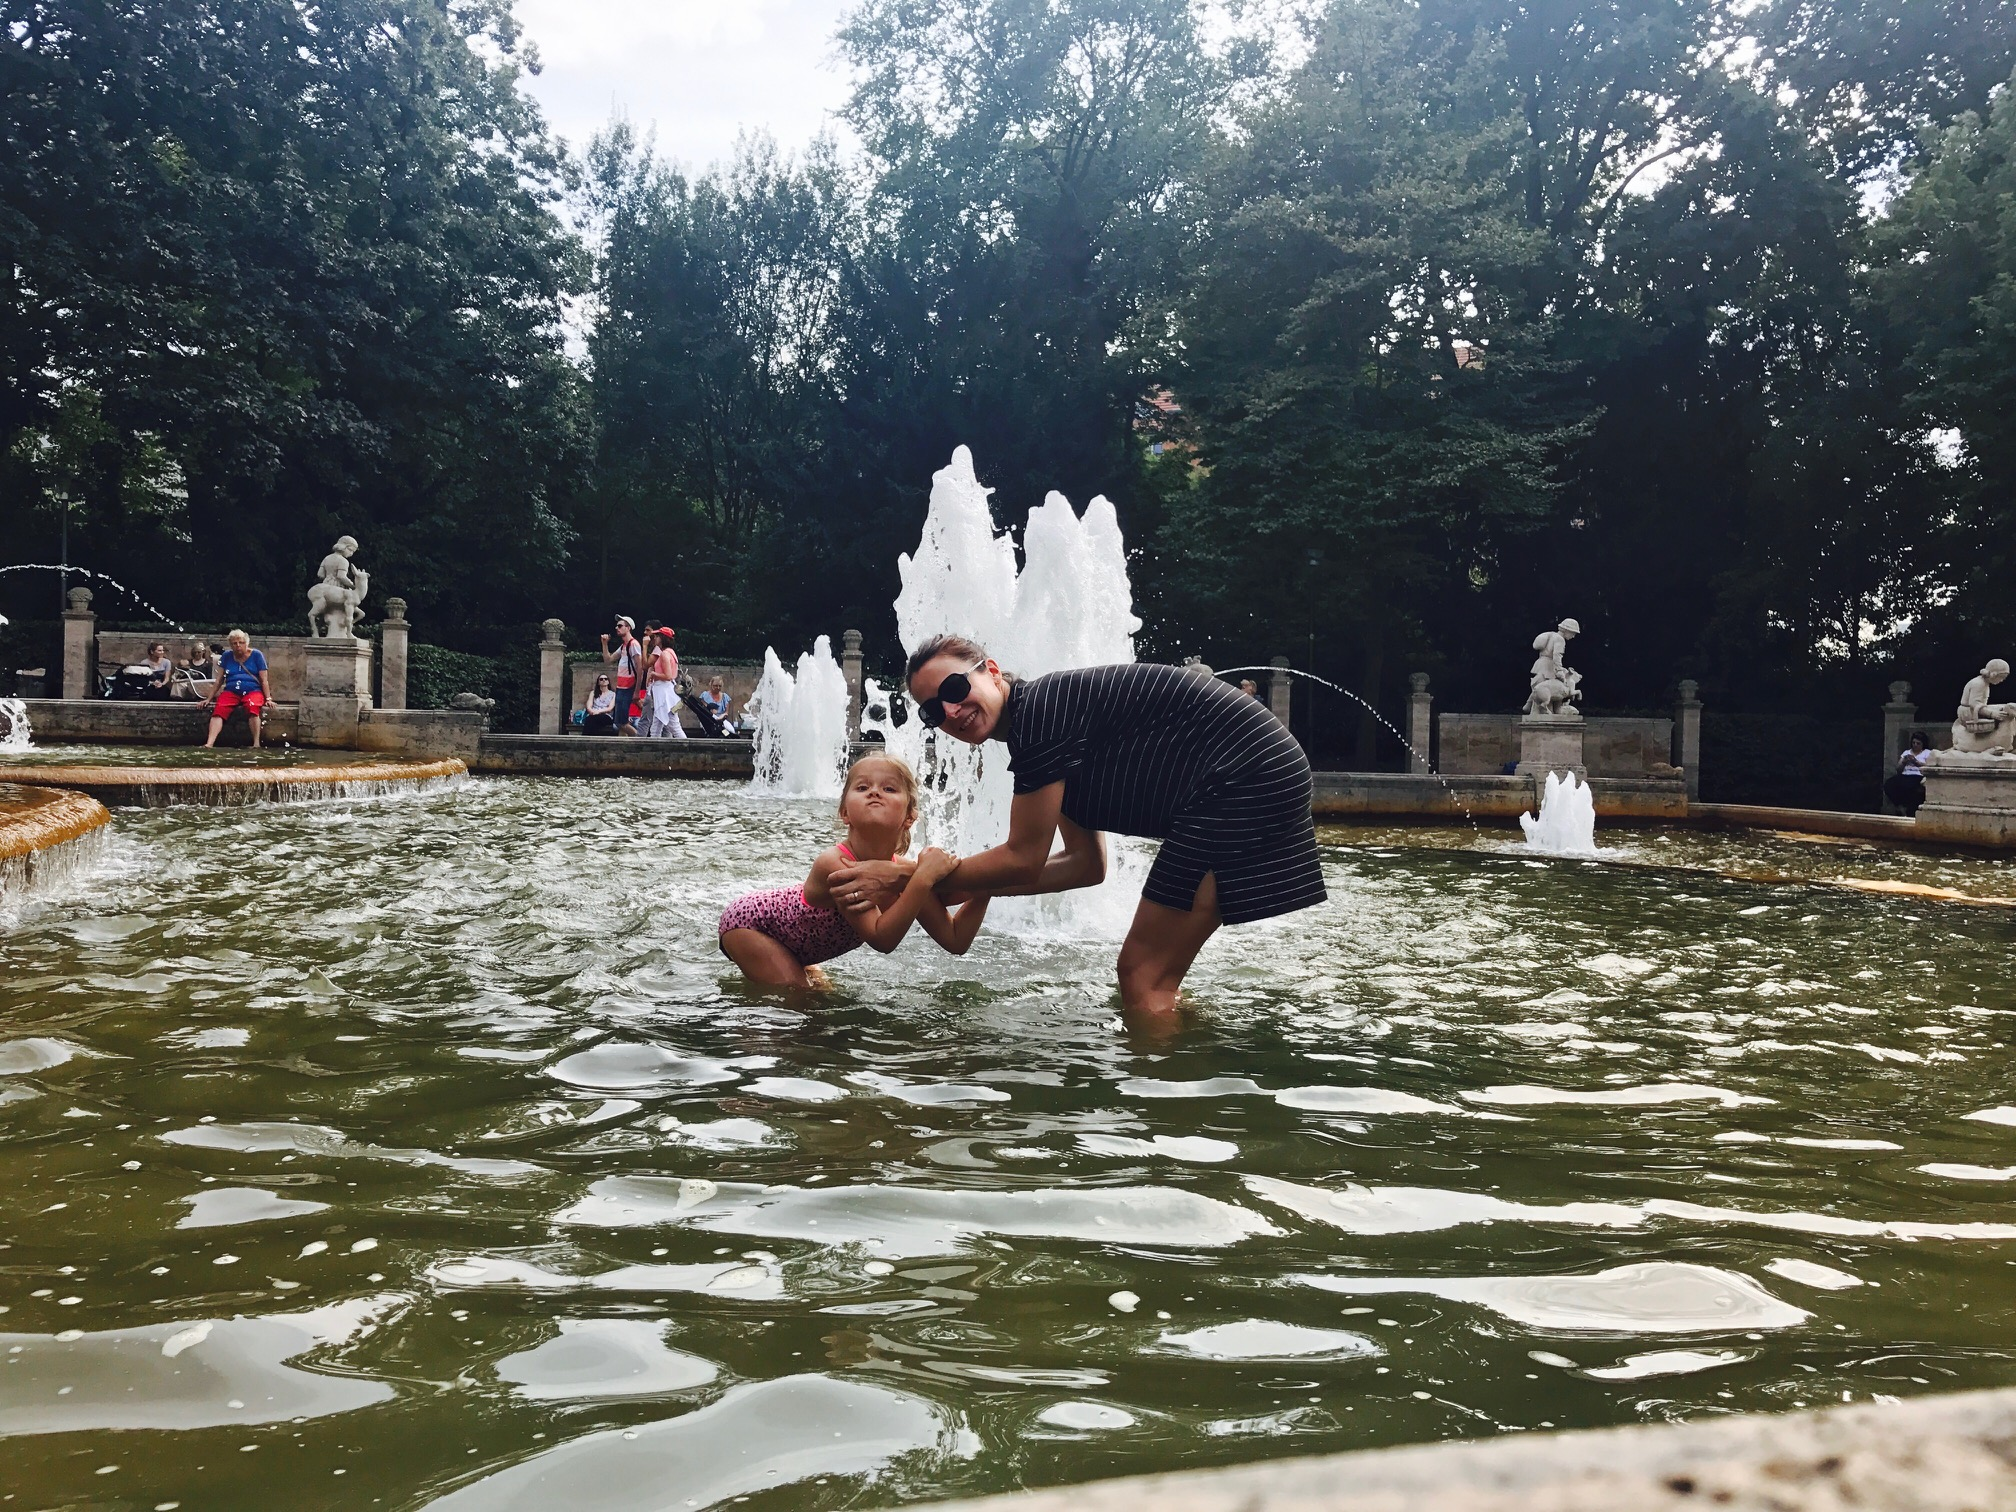 Mutter und Tochter nehmen kleine Abkühlung im Märchenbrunnen im Volkspark Friedrichshain, Berlin